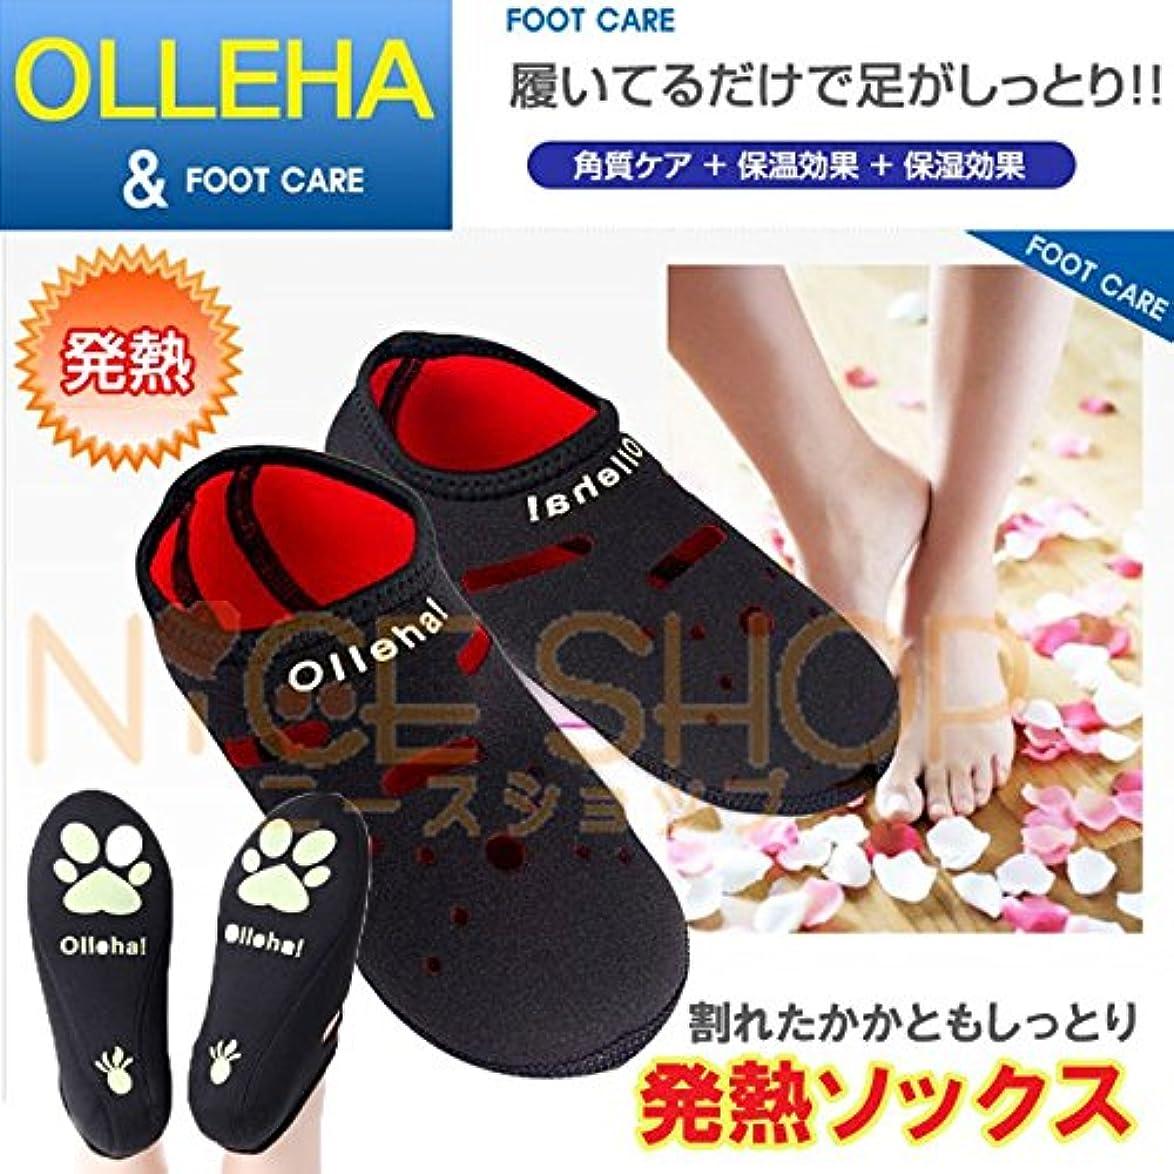 ステッチペチュランスビーム発熱靴下(足袋)発熱ソックス、フットケアー Olleha! (M(23.5~24.0))